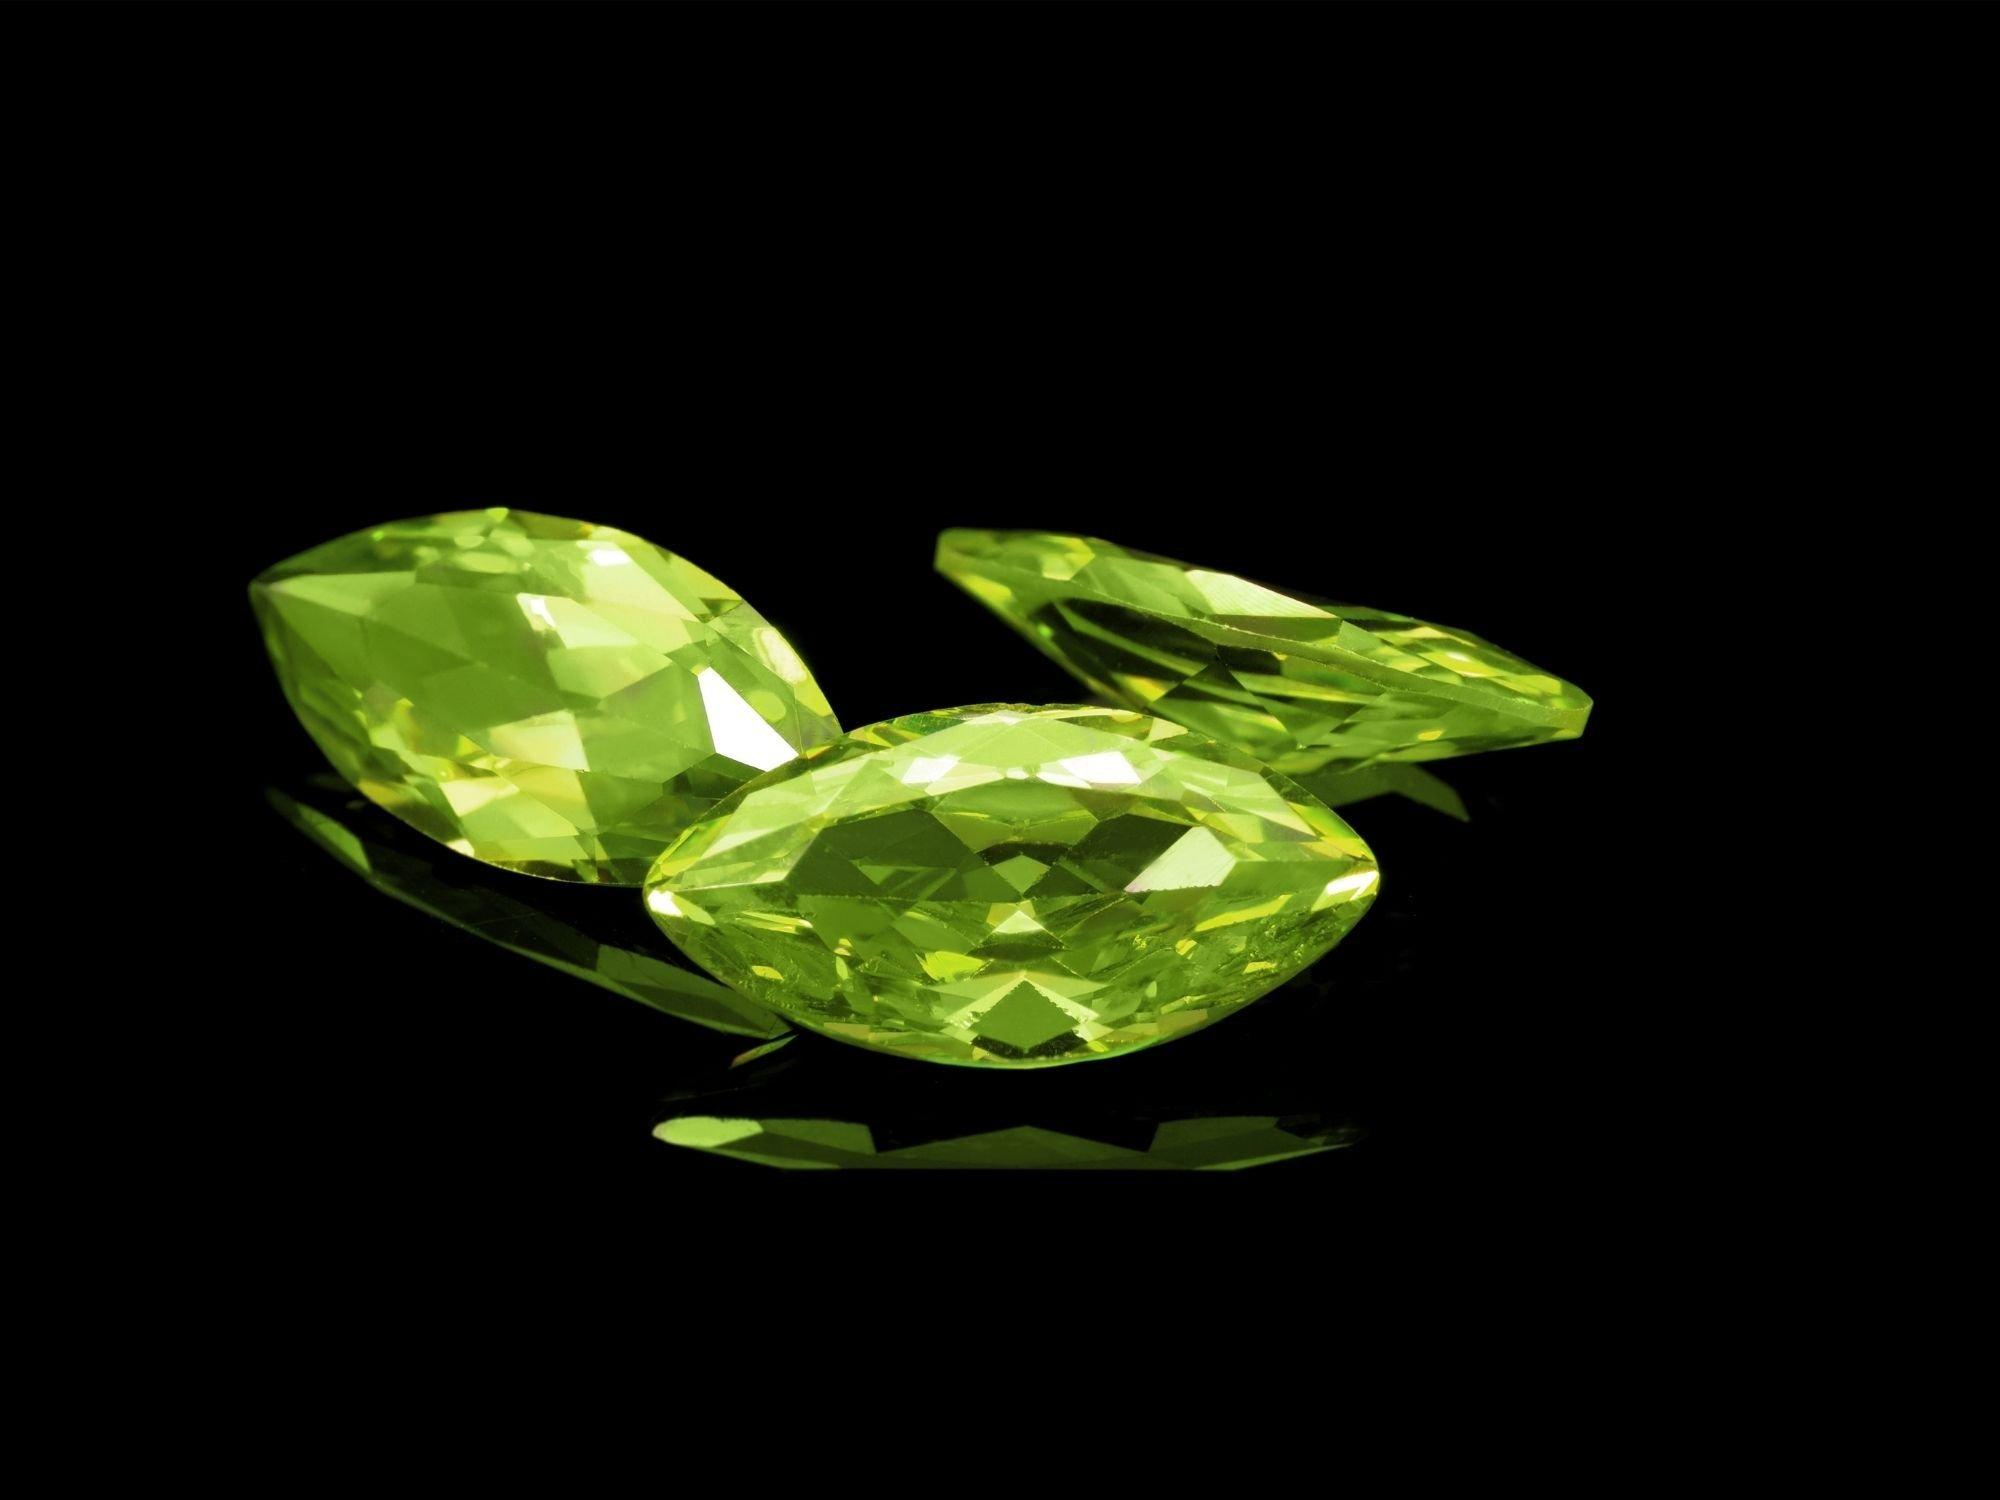 Peridot Properties And Characteristics | Diamond Buzz